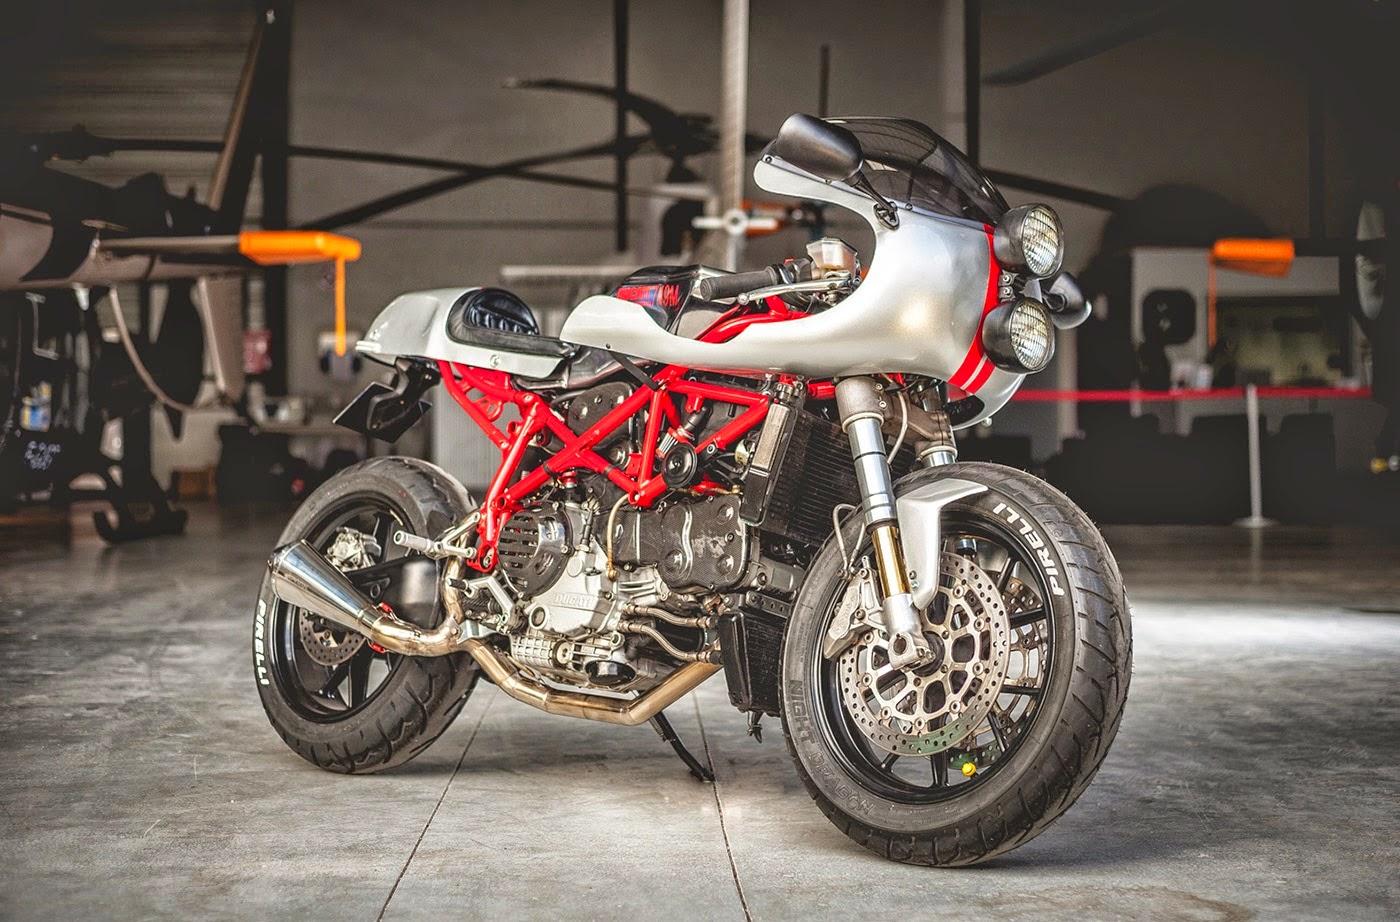 Bell Moto 3 >> Ducati 749 S Cafe Racer - RocketGarage - Cafe Racer Magazine